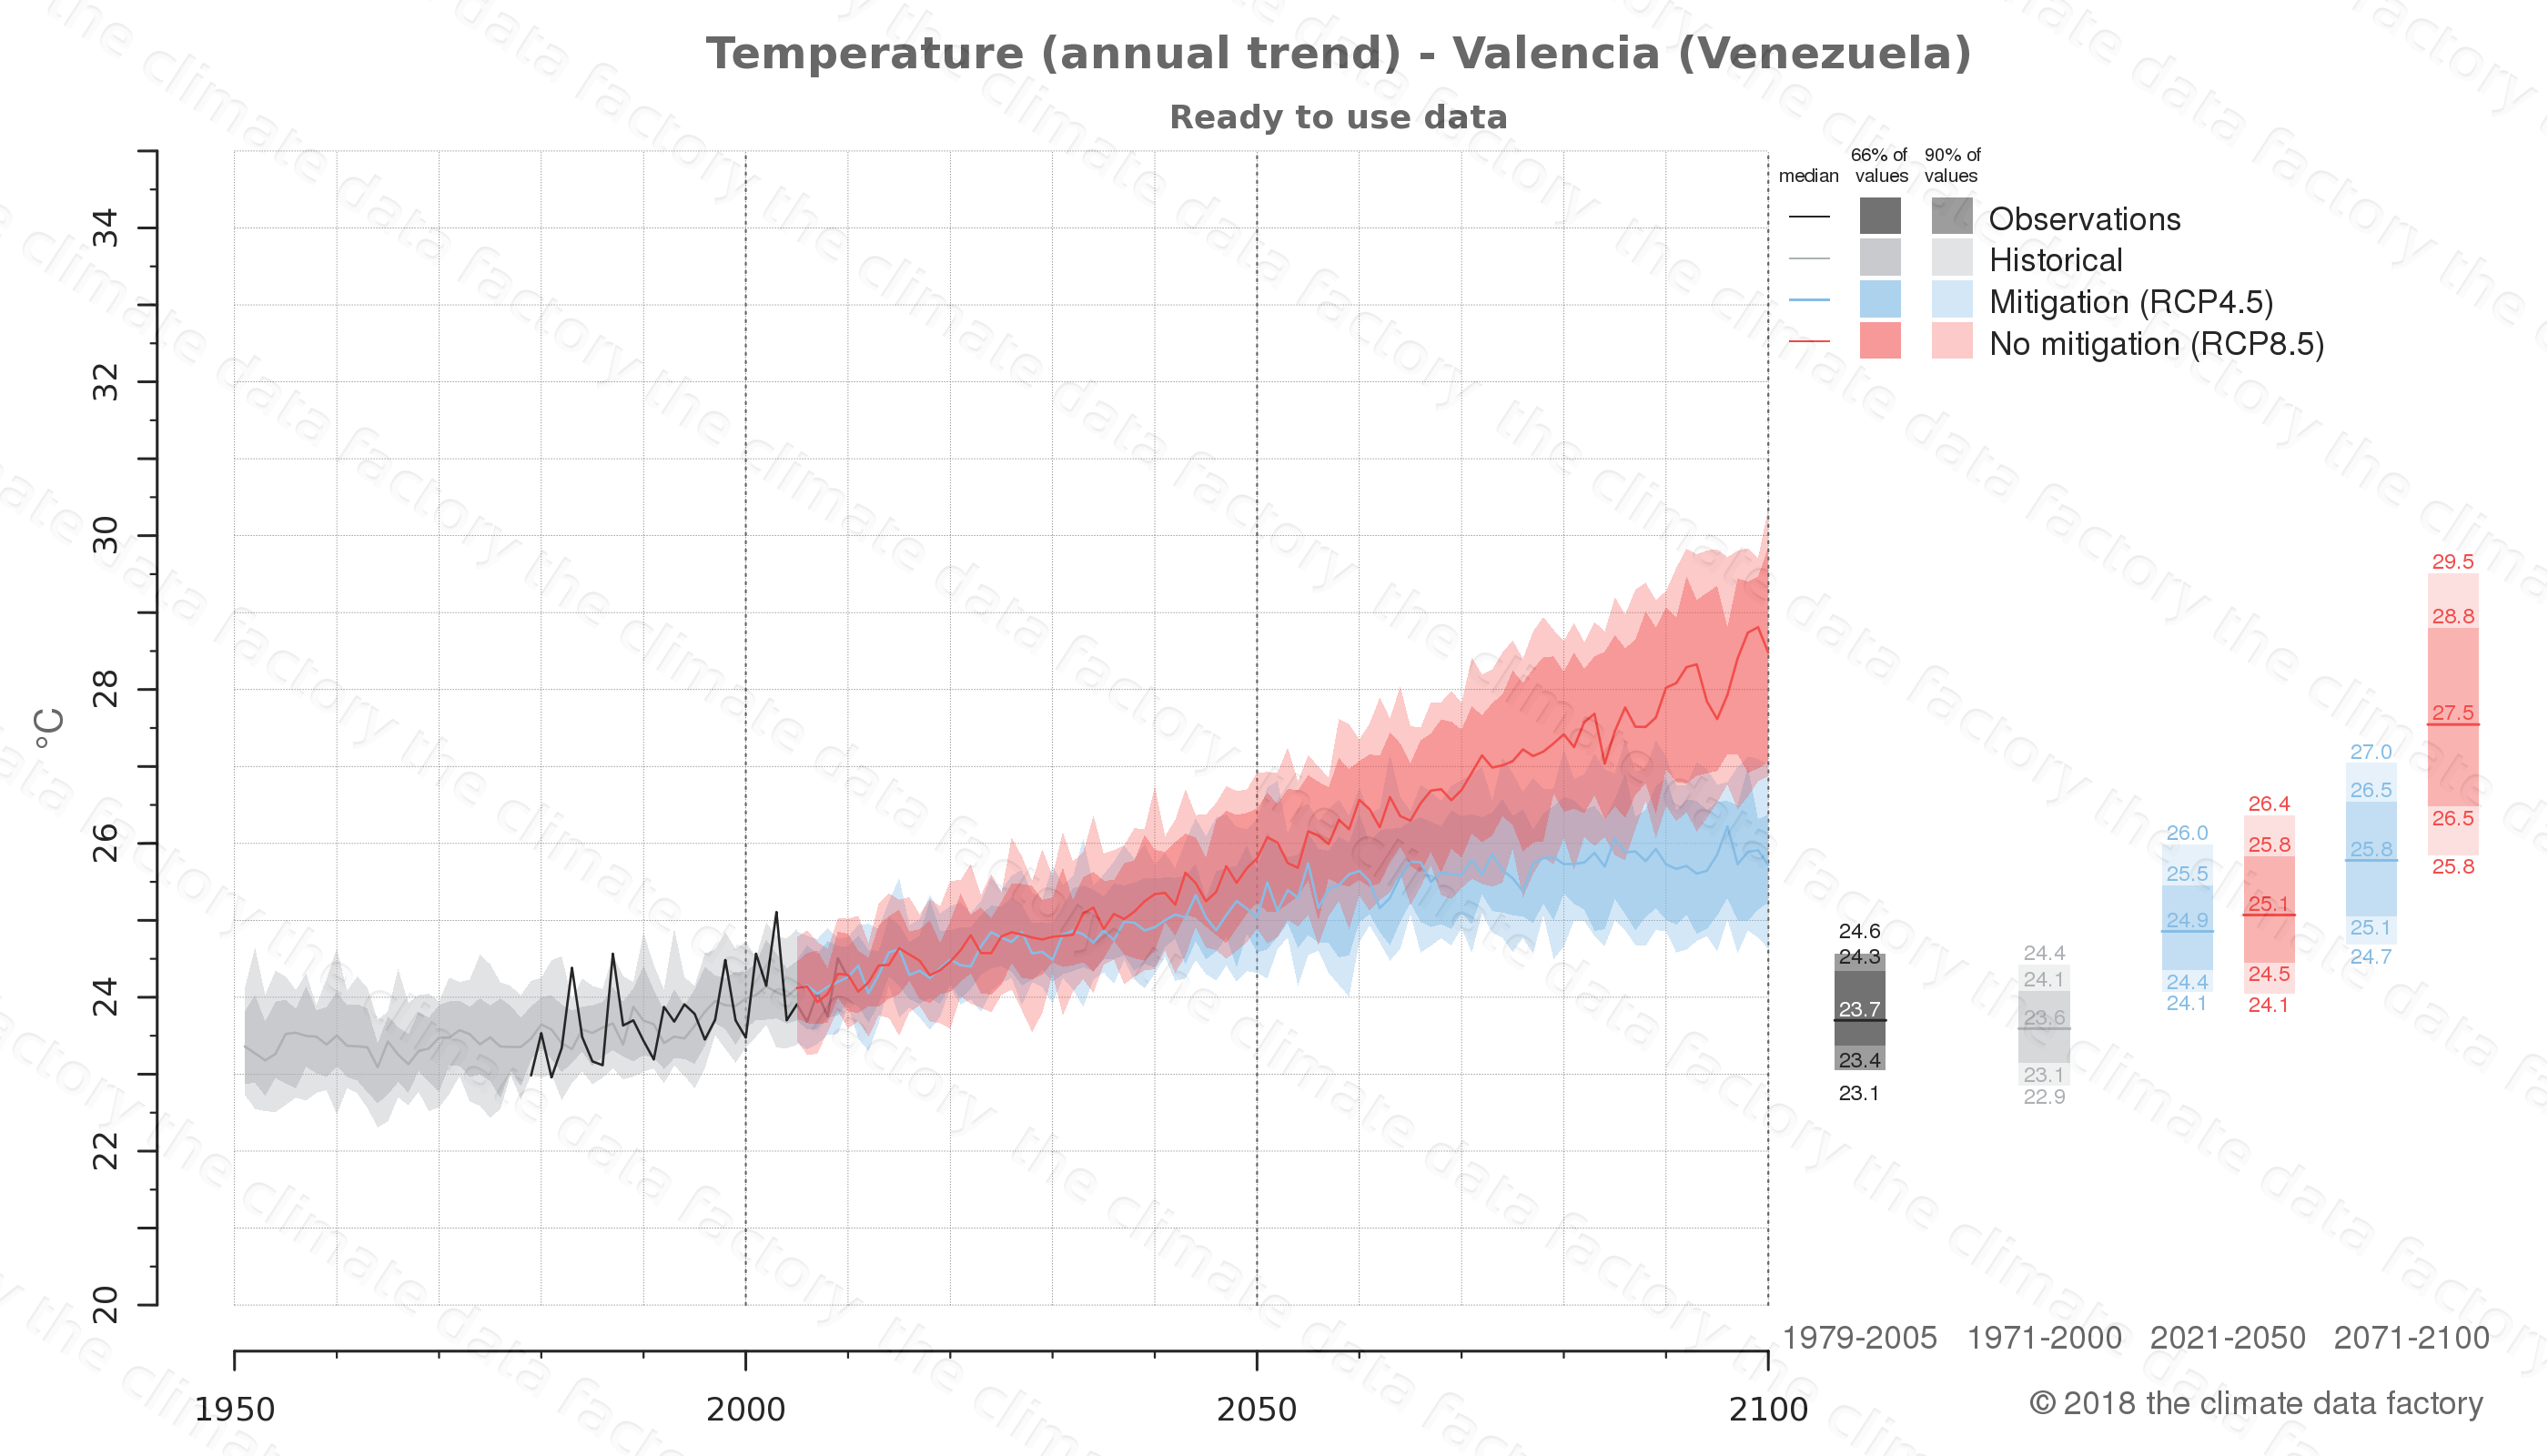 climate change data policy adaptation climate graph city data temperature valencia venezuela